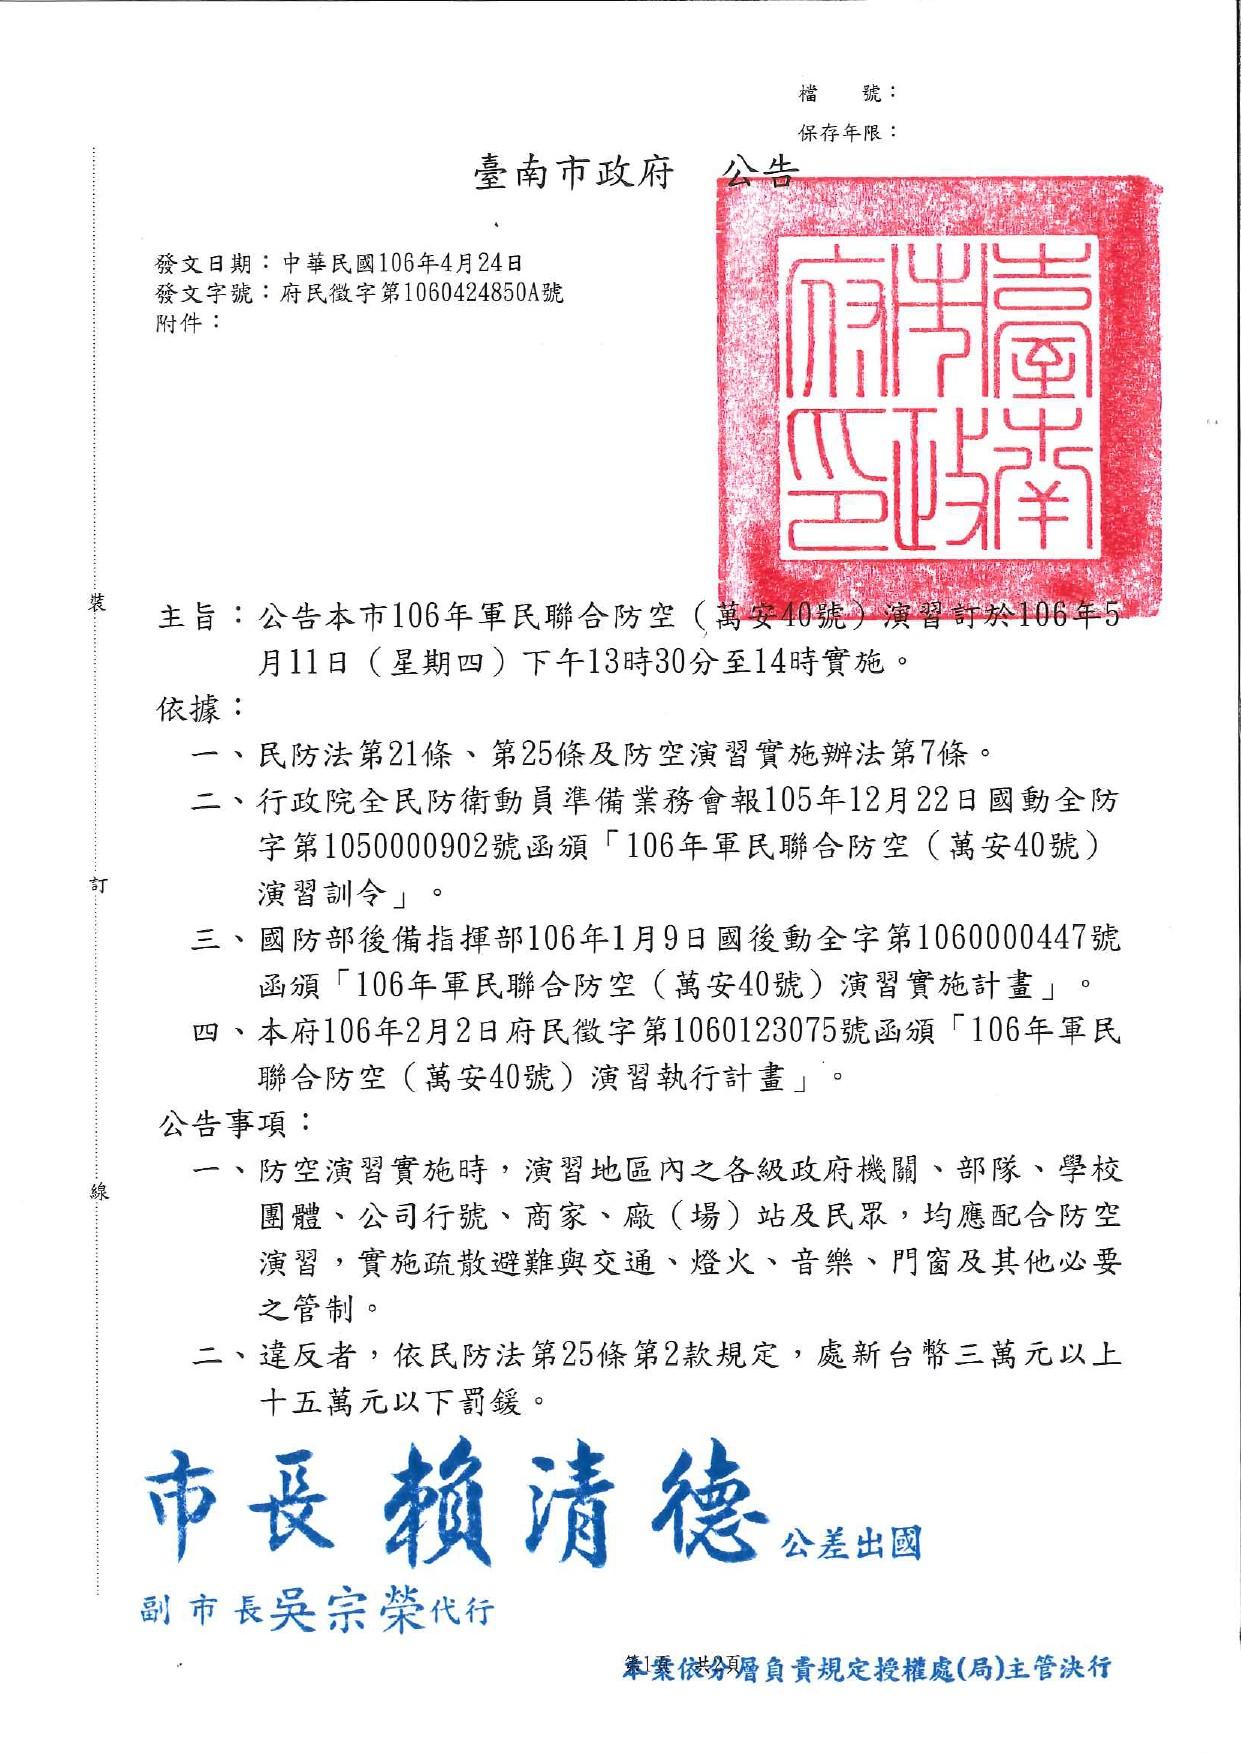 台南市市106年軍民聯合防空(萬安40號)演習訂於106年5月11日(星期四)下午13時30分至14時實施